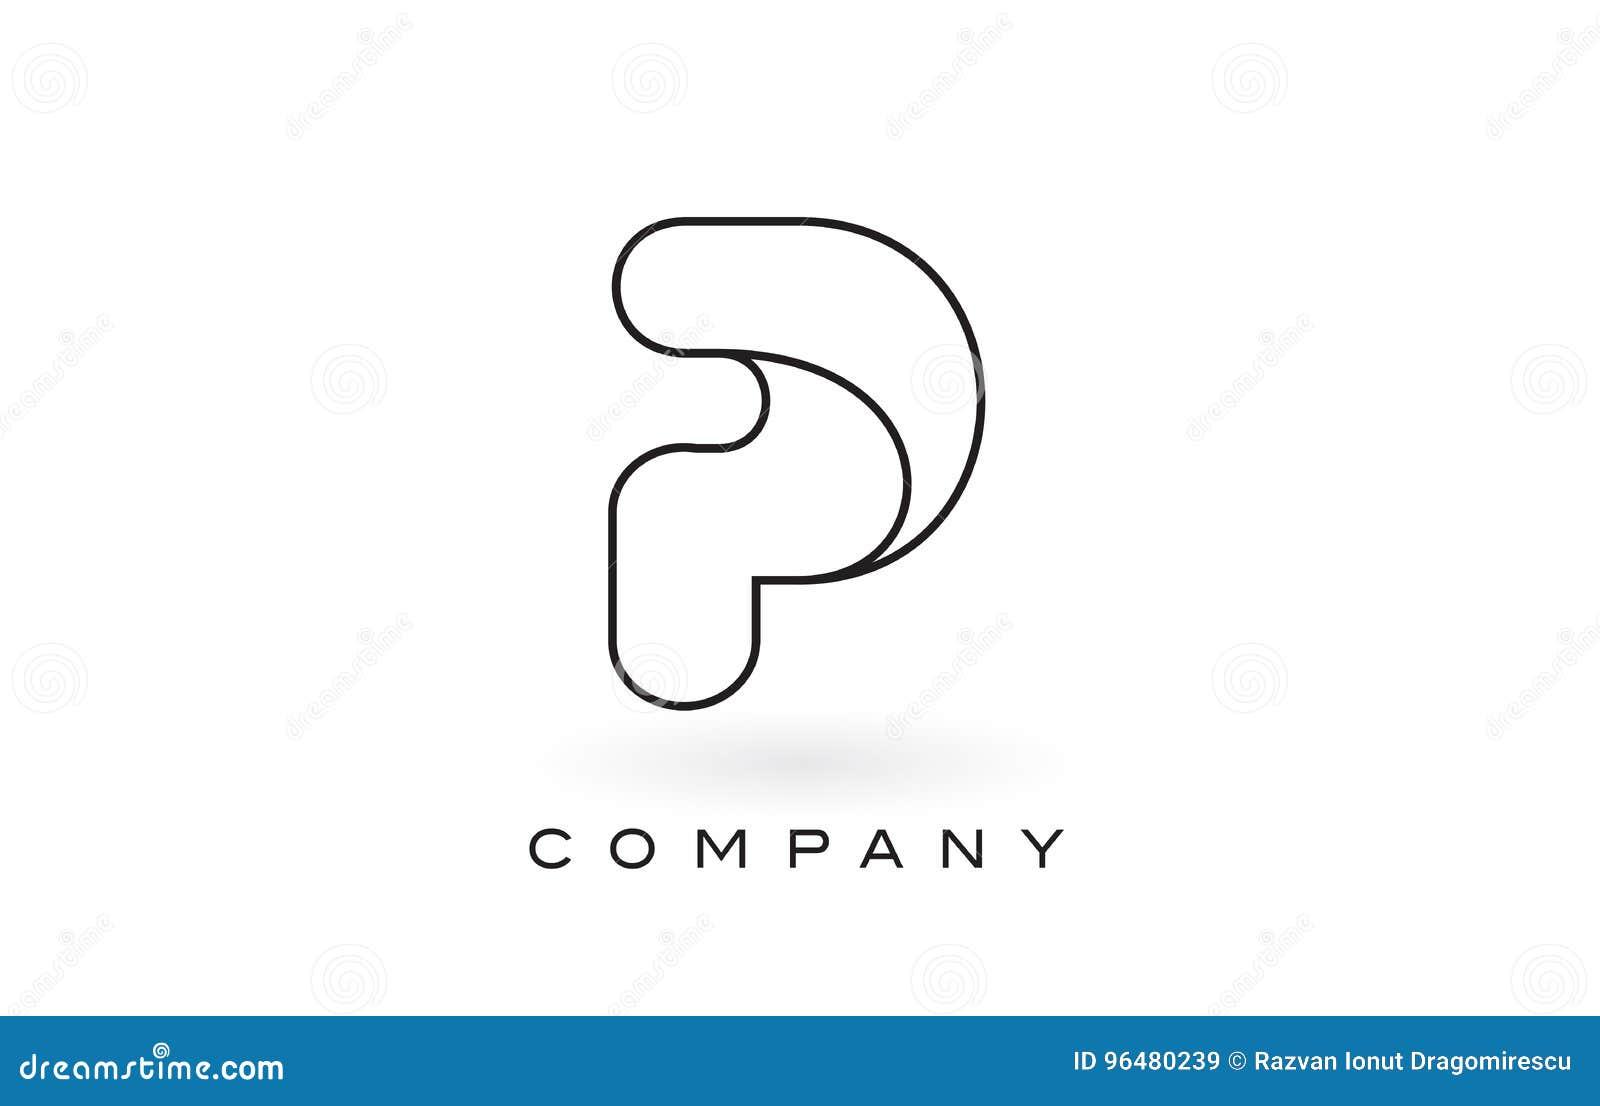 Letter P Outline Peopledavidjoel